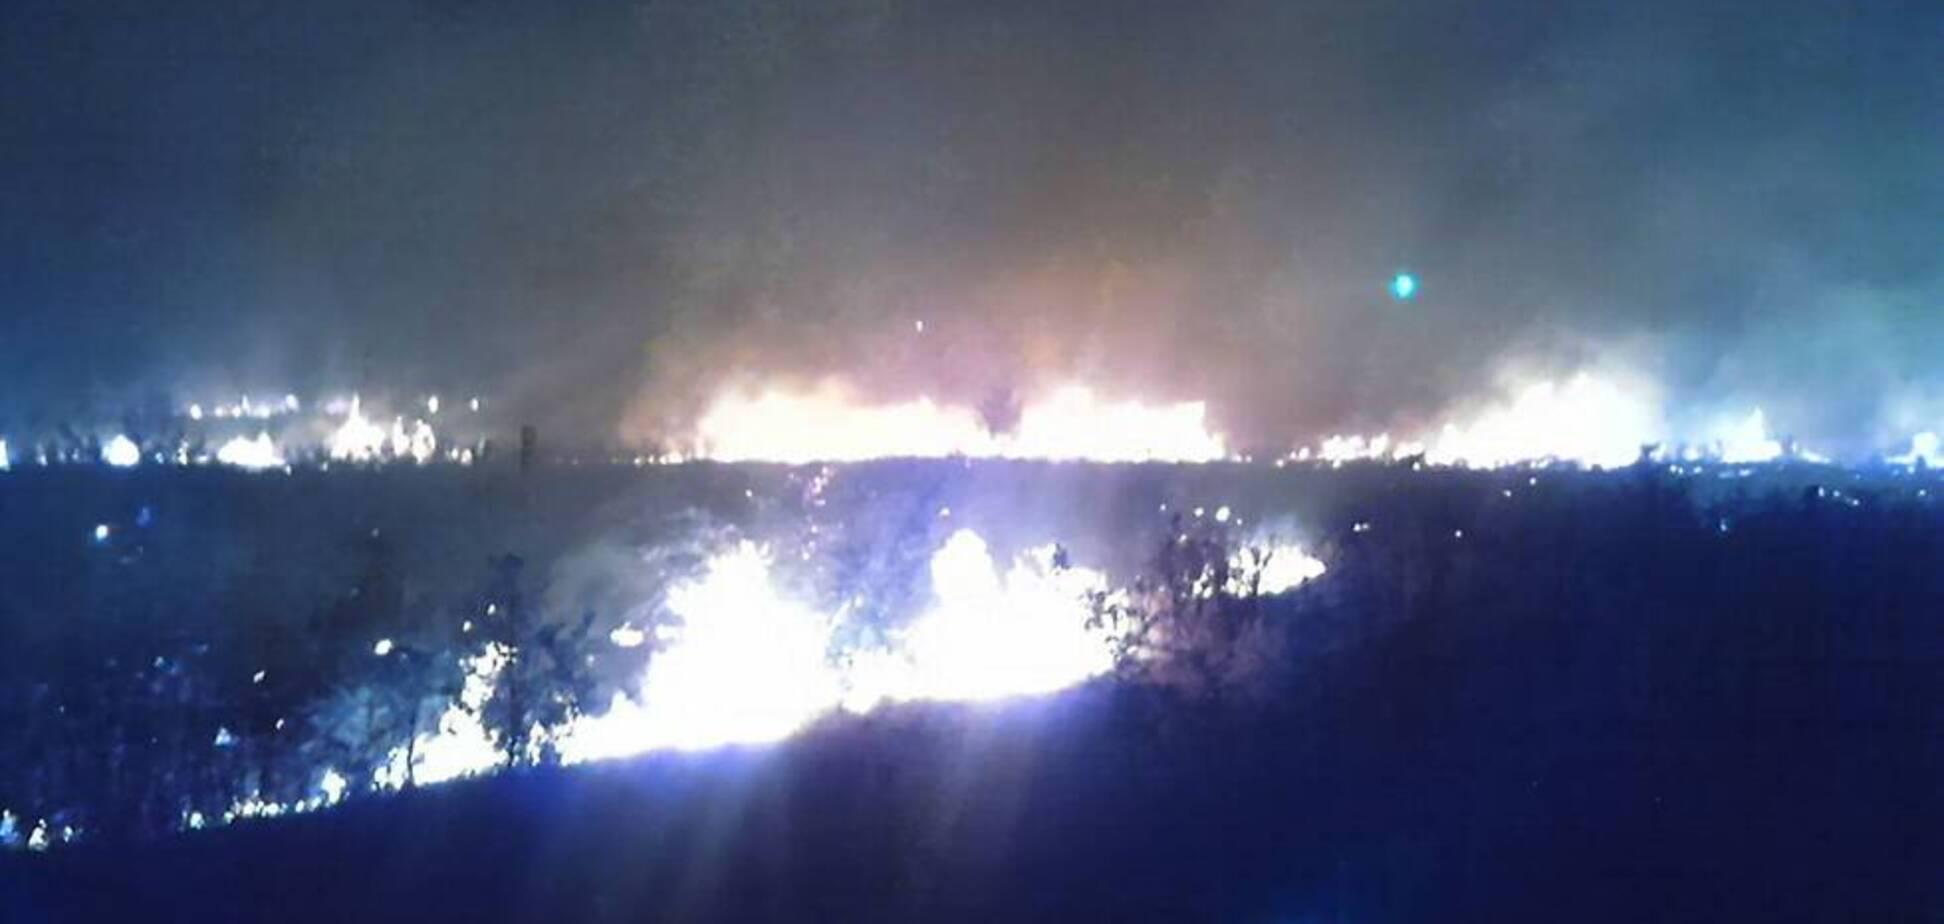 На Днепропетровщине вспыхнул масштабный лесной пожар. Фото и видео ЧП